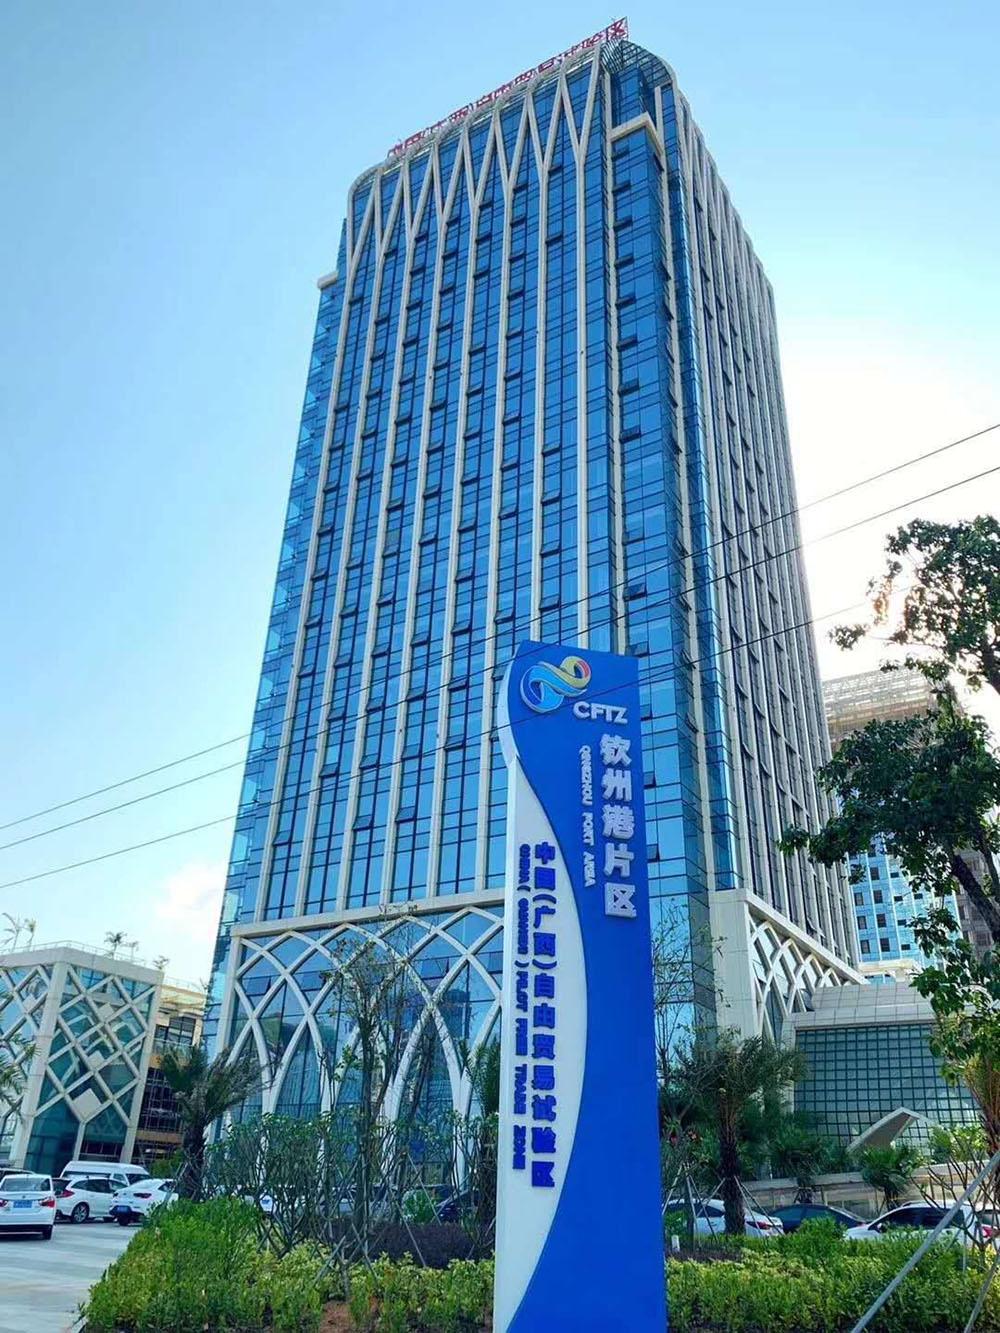 http://yuefangwangimg.oss-cn-hangzhou.aliyuncs.com/uploads/20210531/043bb9bd042d8d460bccfa07d4599107Max.jpg